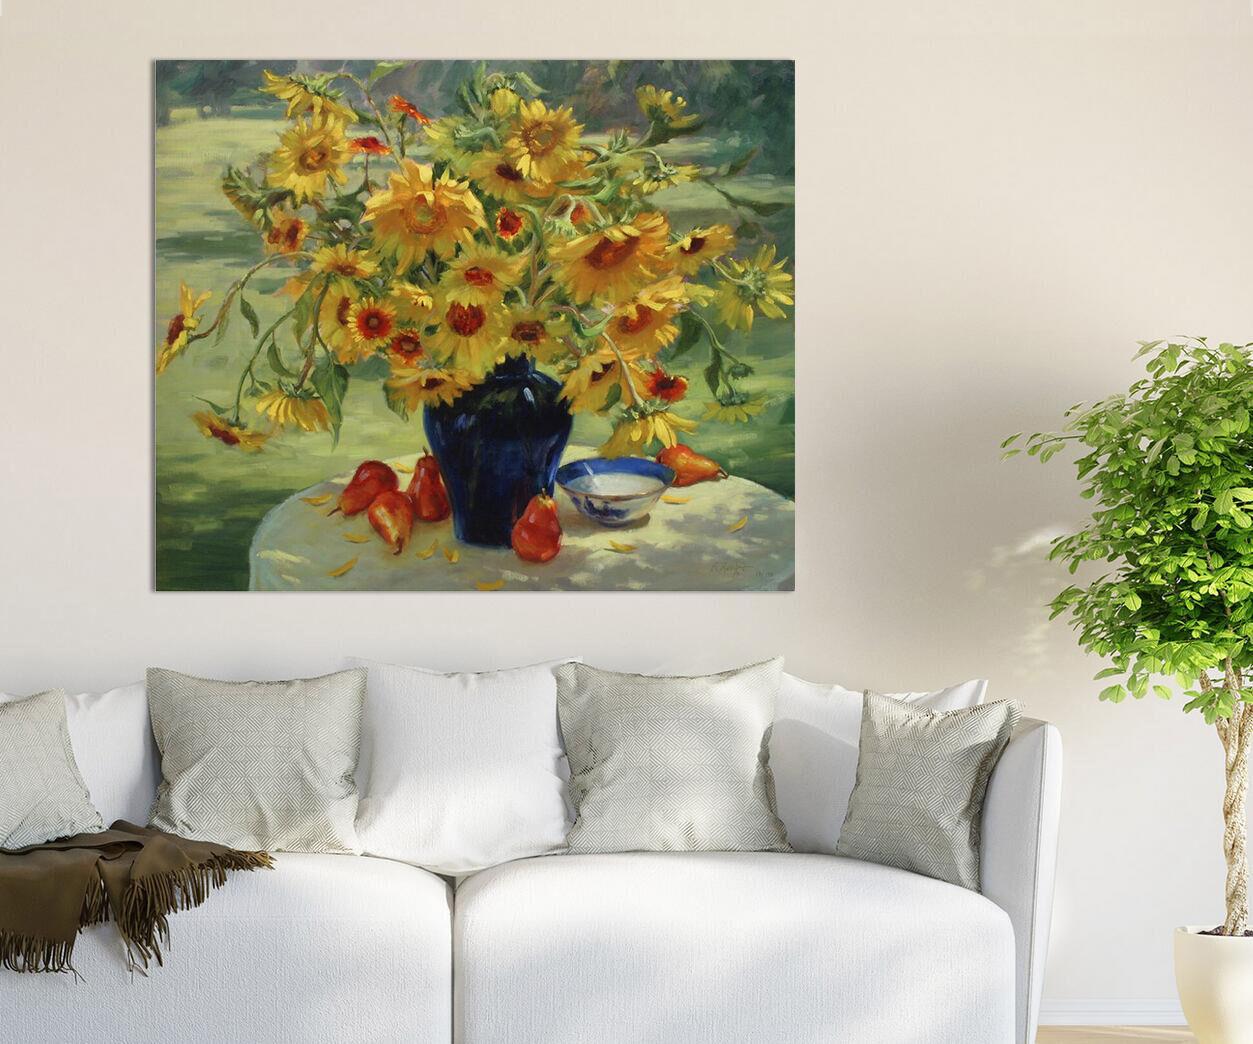 3D Schüchtern SonnenBlaume 8453  Fototapeten Wandbild BildTapete AJSTORE DE Lemon